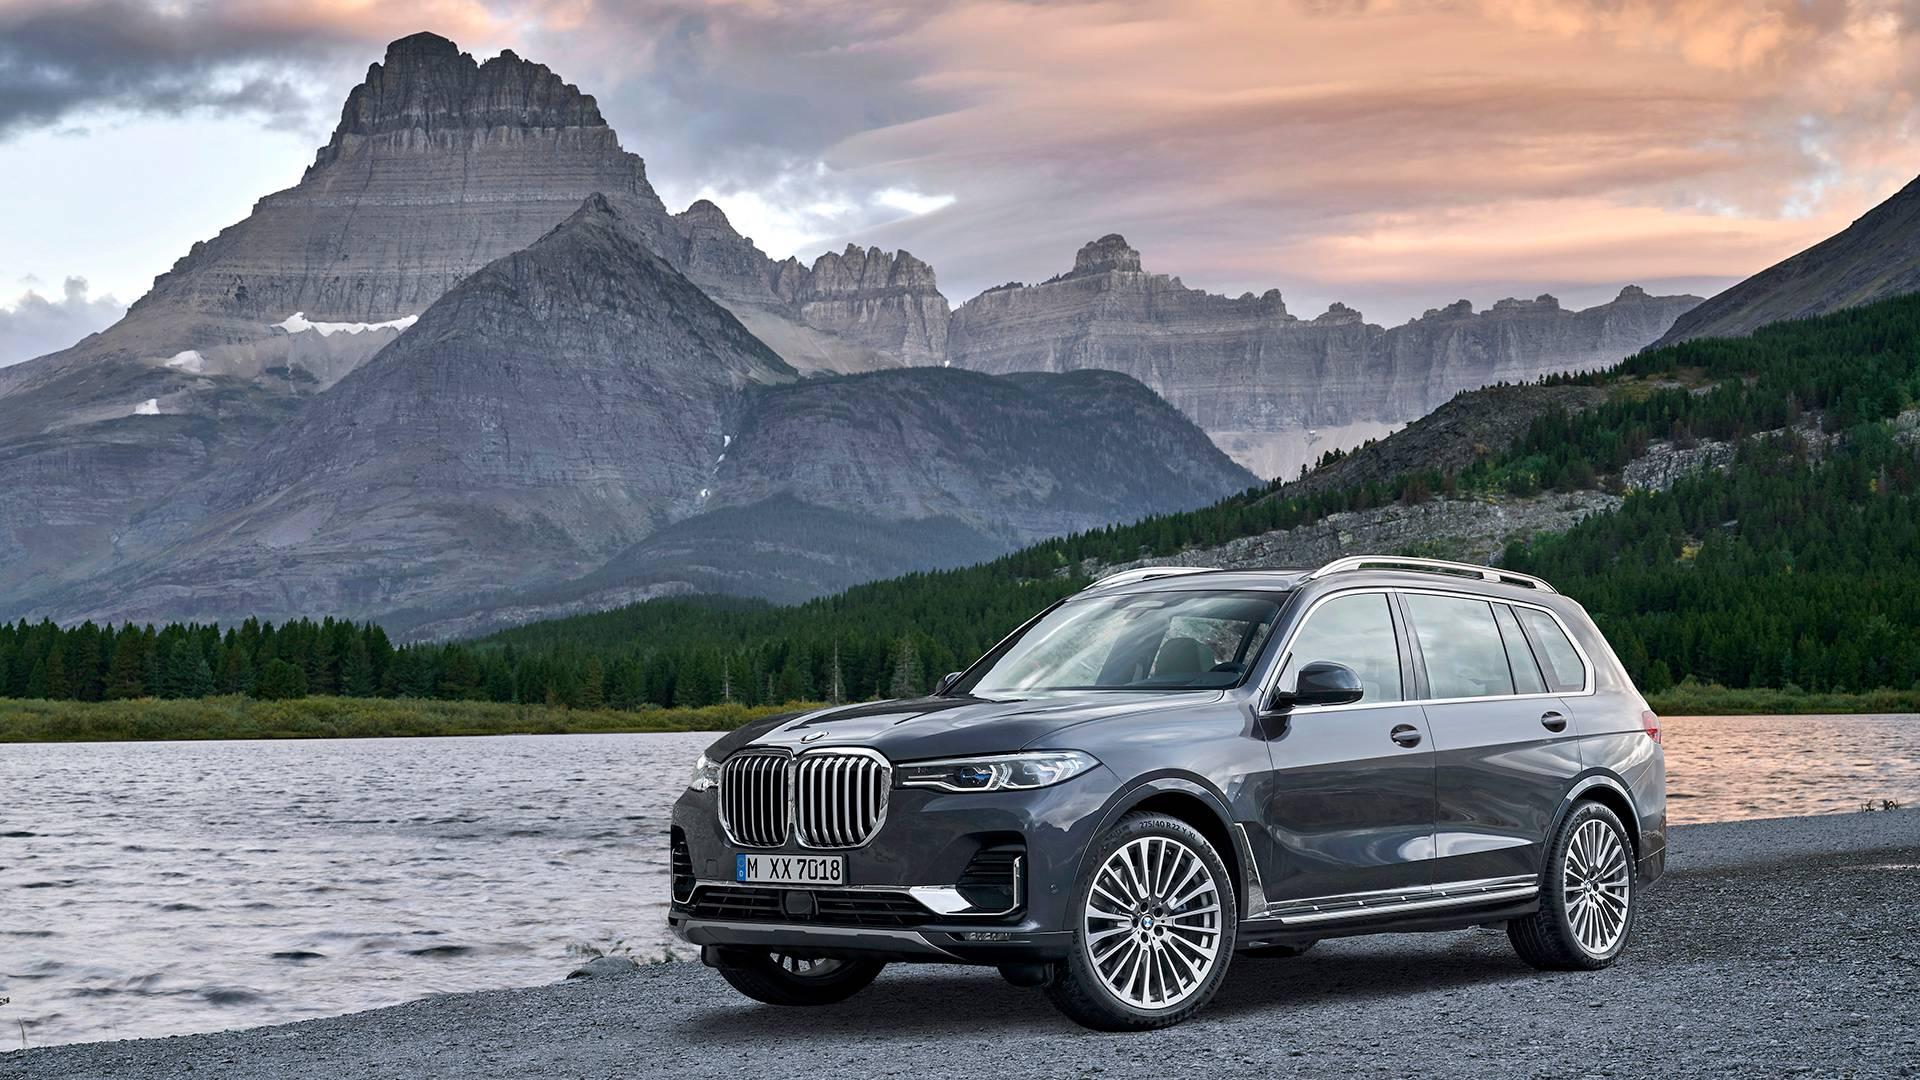 Самой дорогой моделью BMW должен стать X8 1